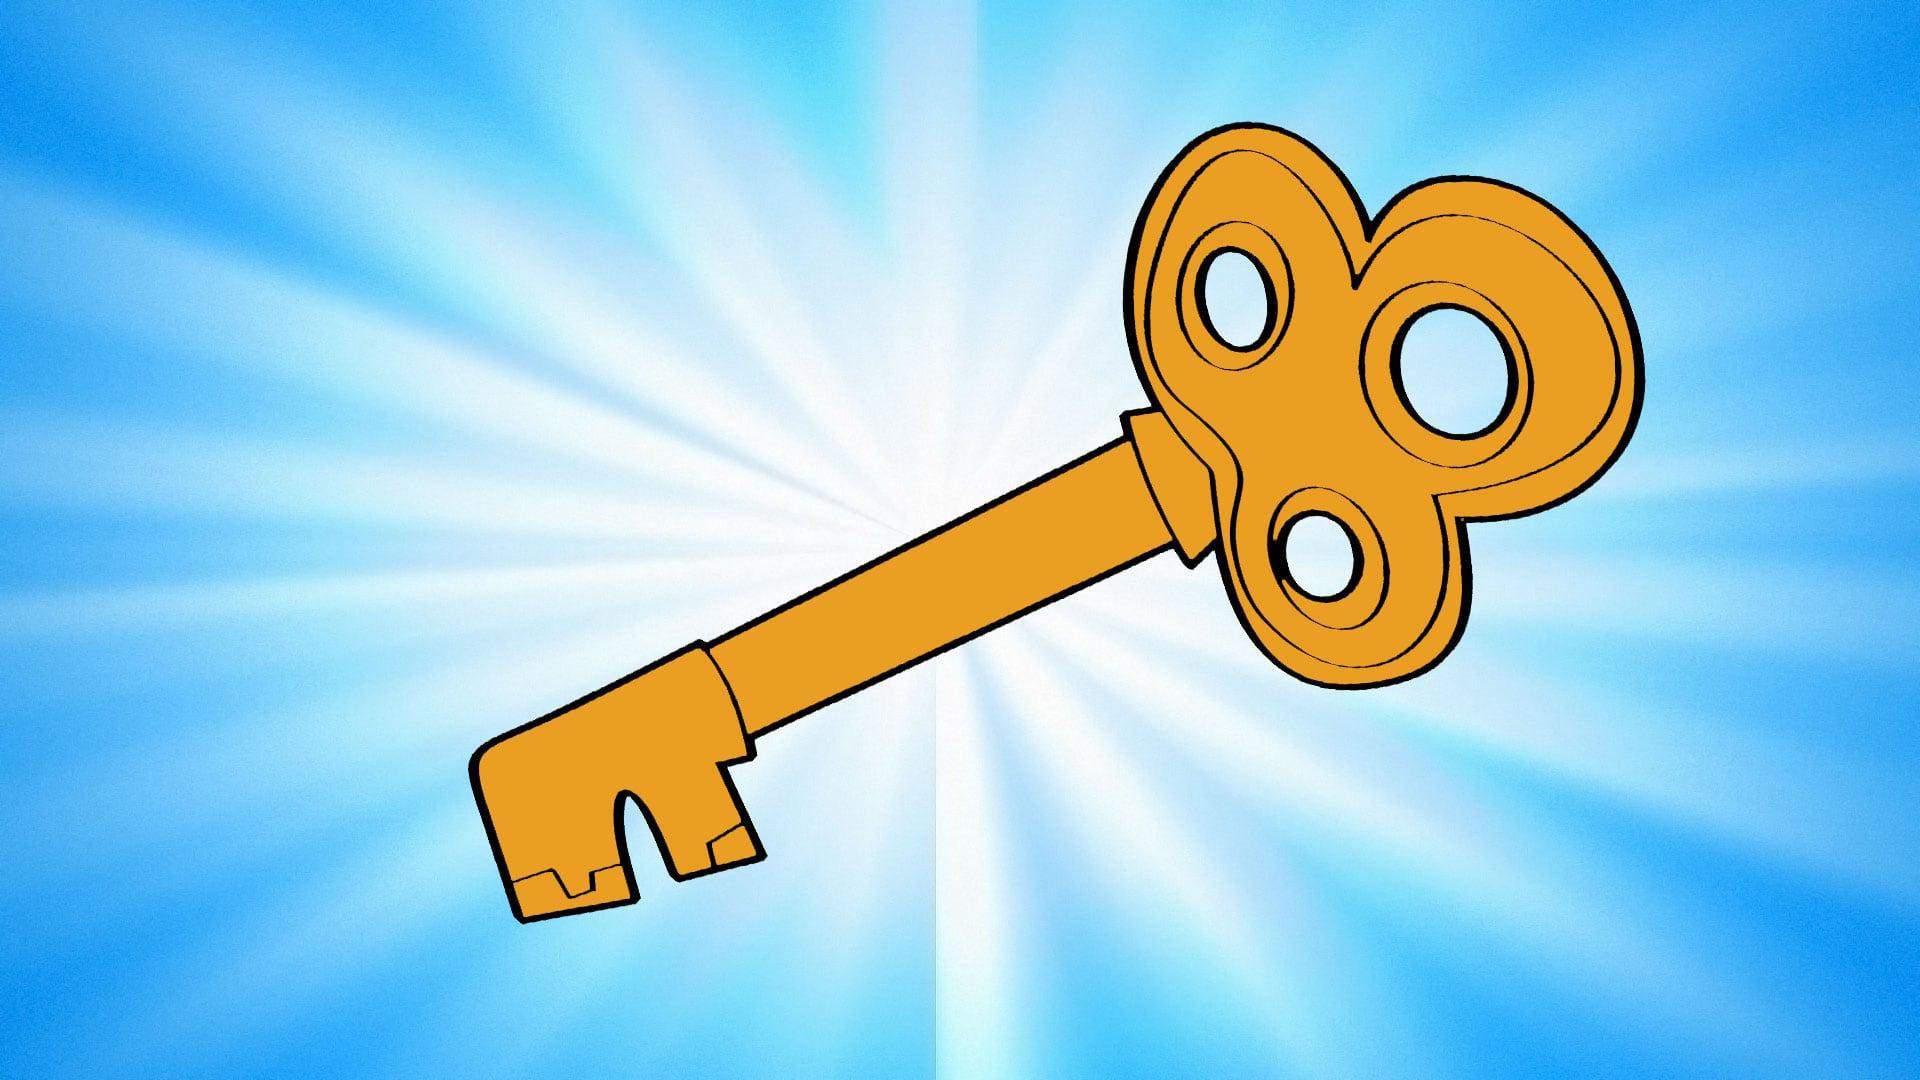 Тест «Золотой Ключик» – выберите 1 ключ из 9 и узнайте, что Вас ожидает в жизни в ближайшем будущем